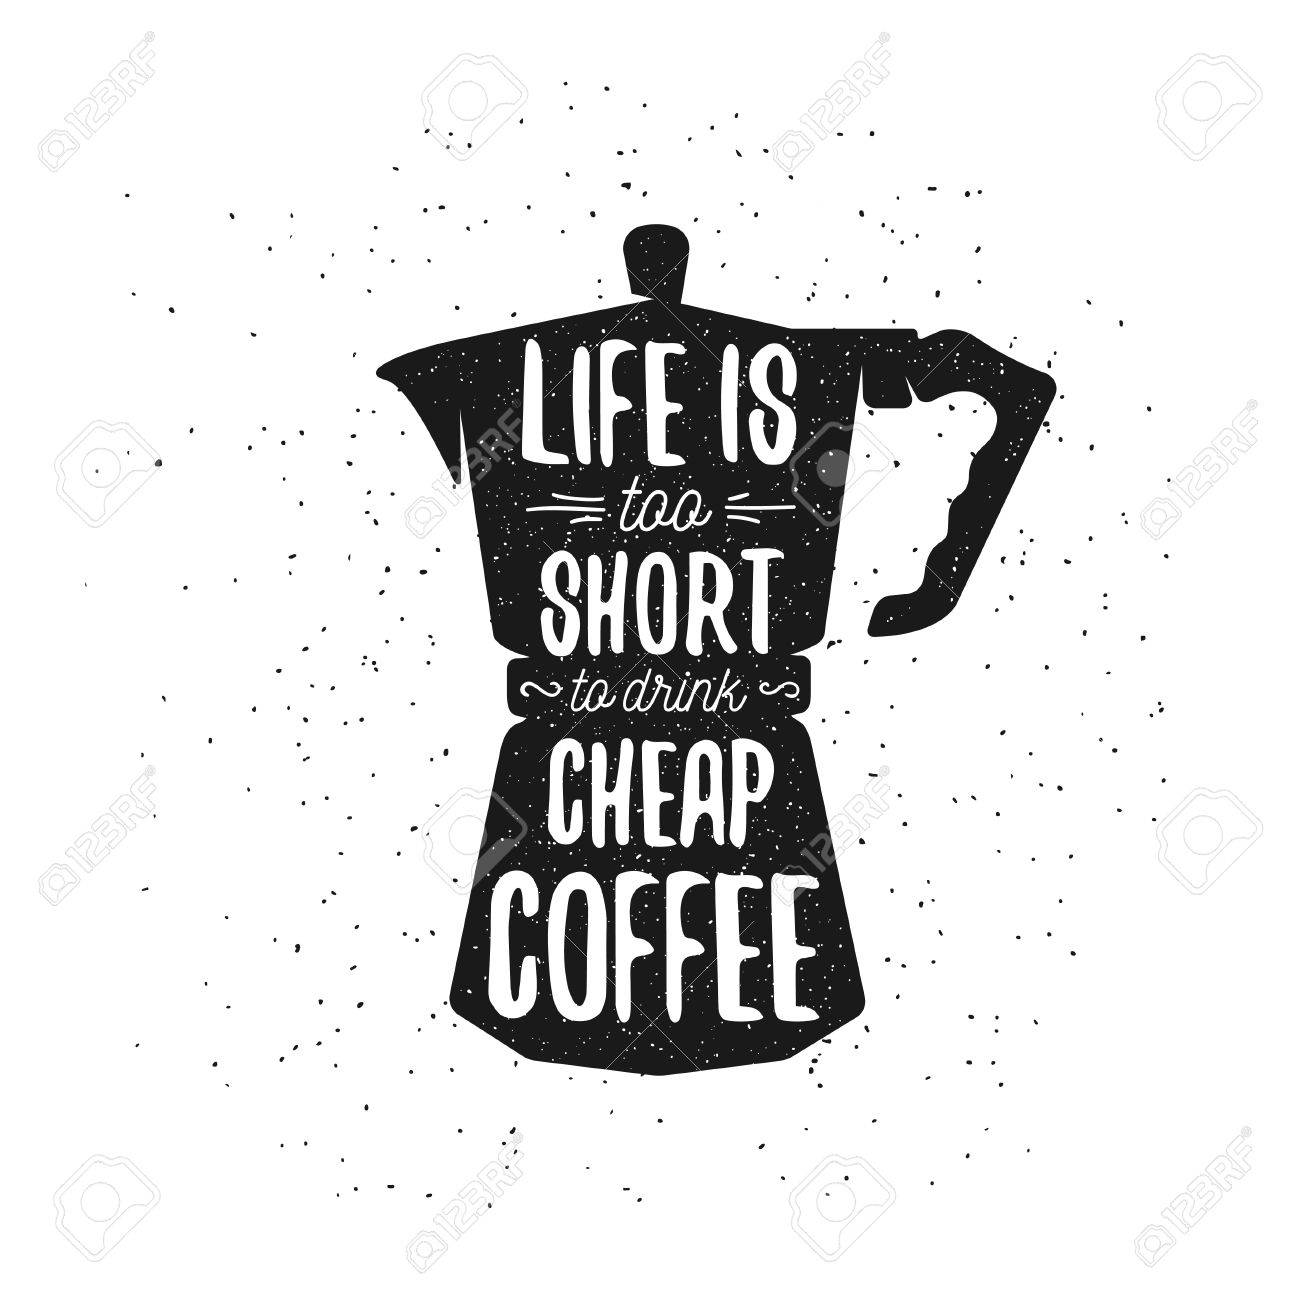 Dibujado A Mano Cartel Café Tipografía Tarjeta De Felicitación O Invitación De Impresión Con Una Cafetera Y Cotización La Vida Es Demasiado Corta